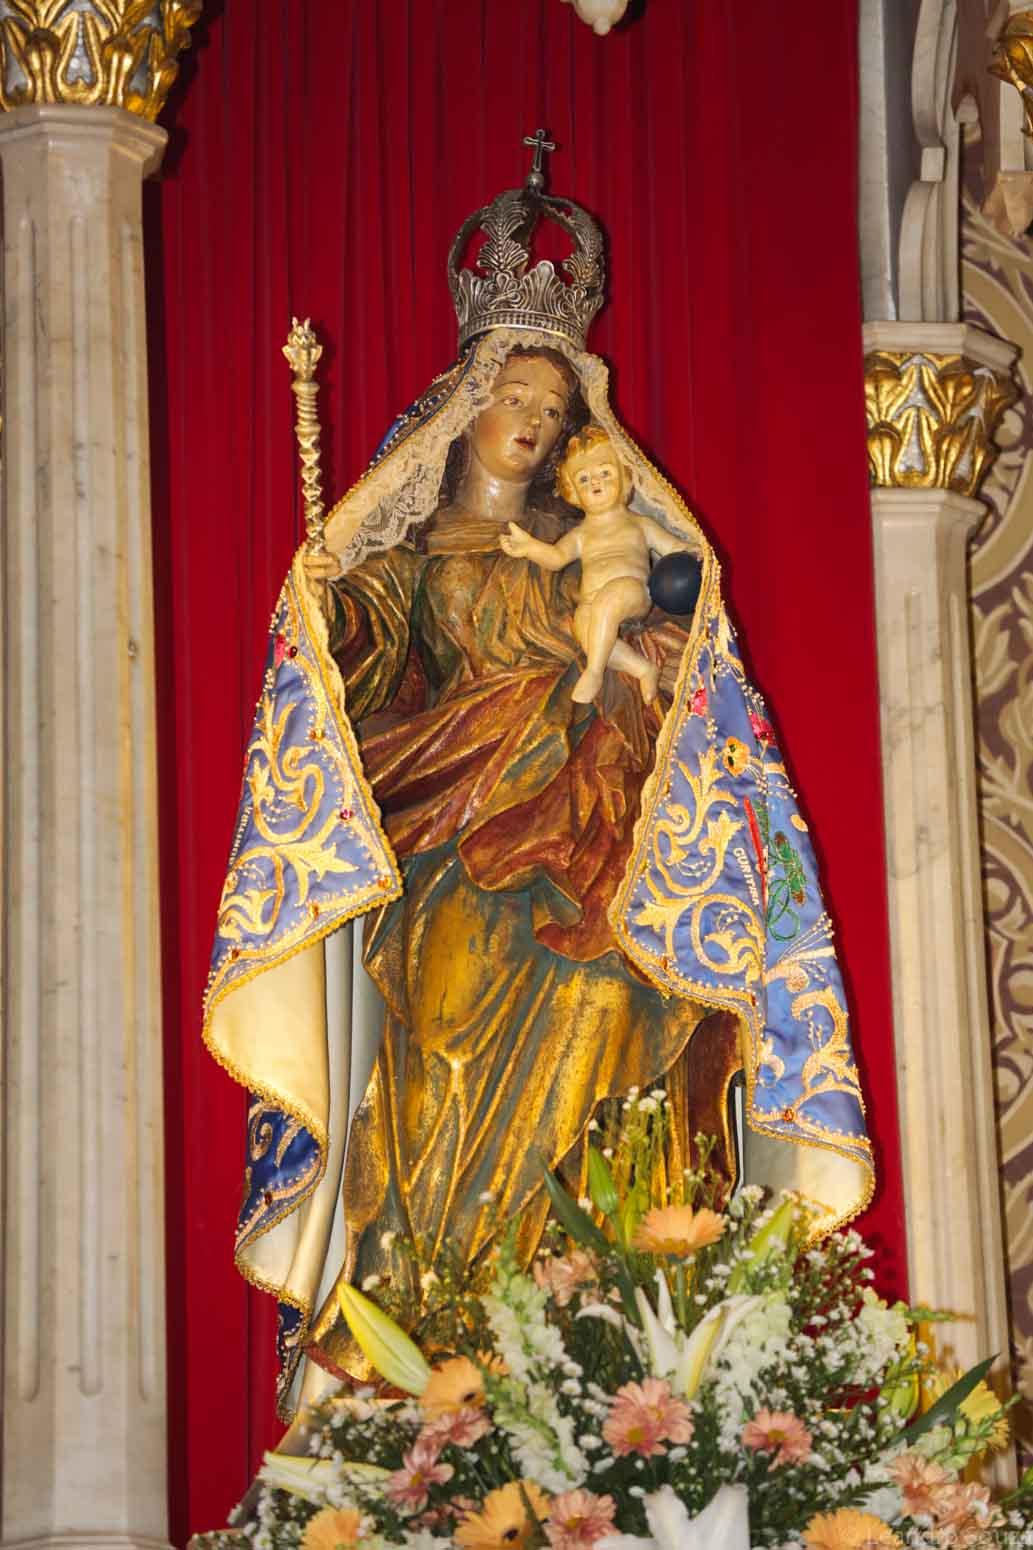 cerimonia-da-primeiro-sabado-na-catedral-de-curitiba-com-participacao-dos-arautos-do-evangelho-da-casa-divina-providencia-16